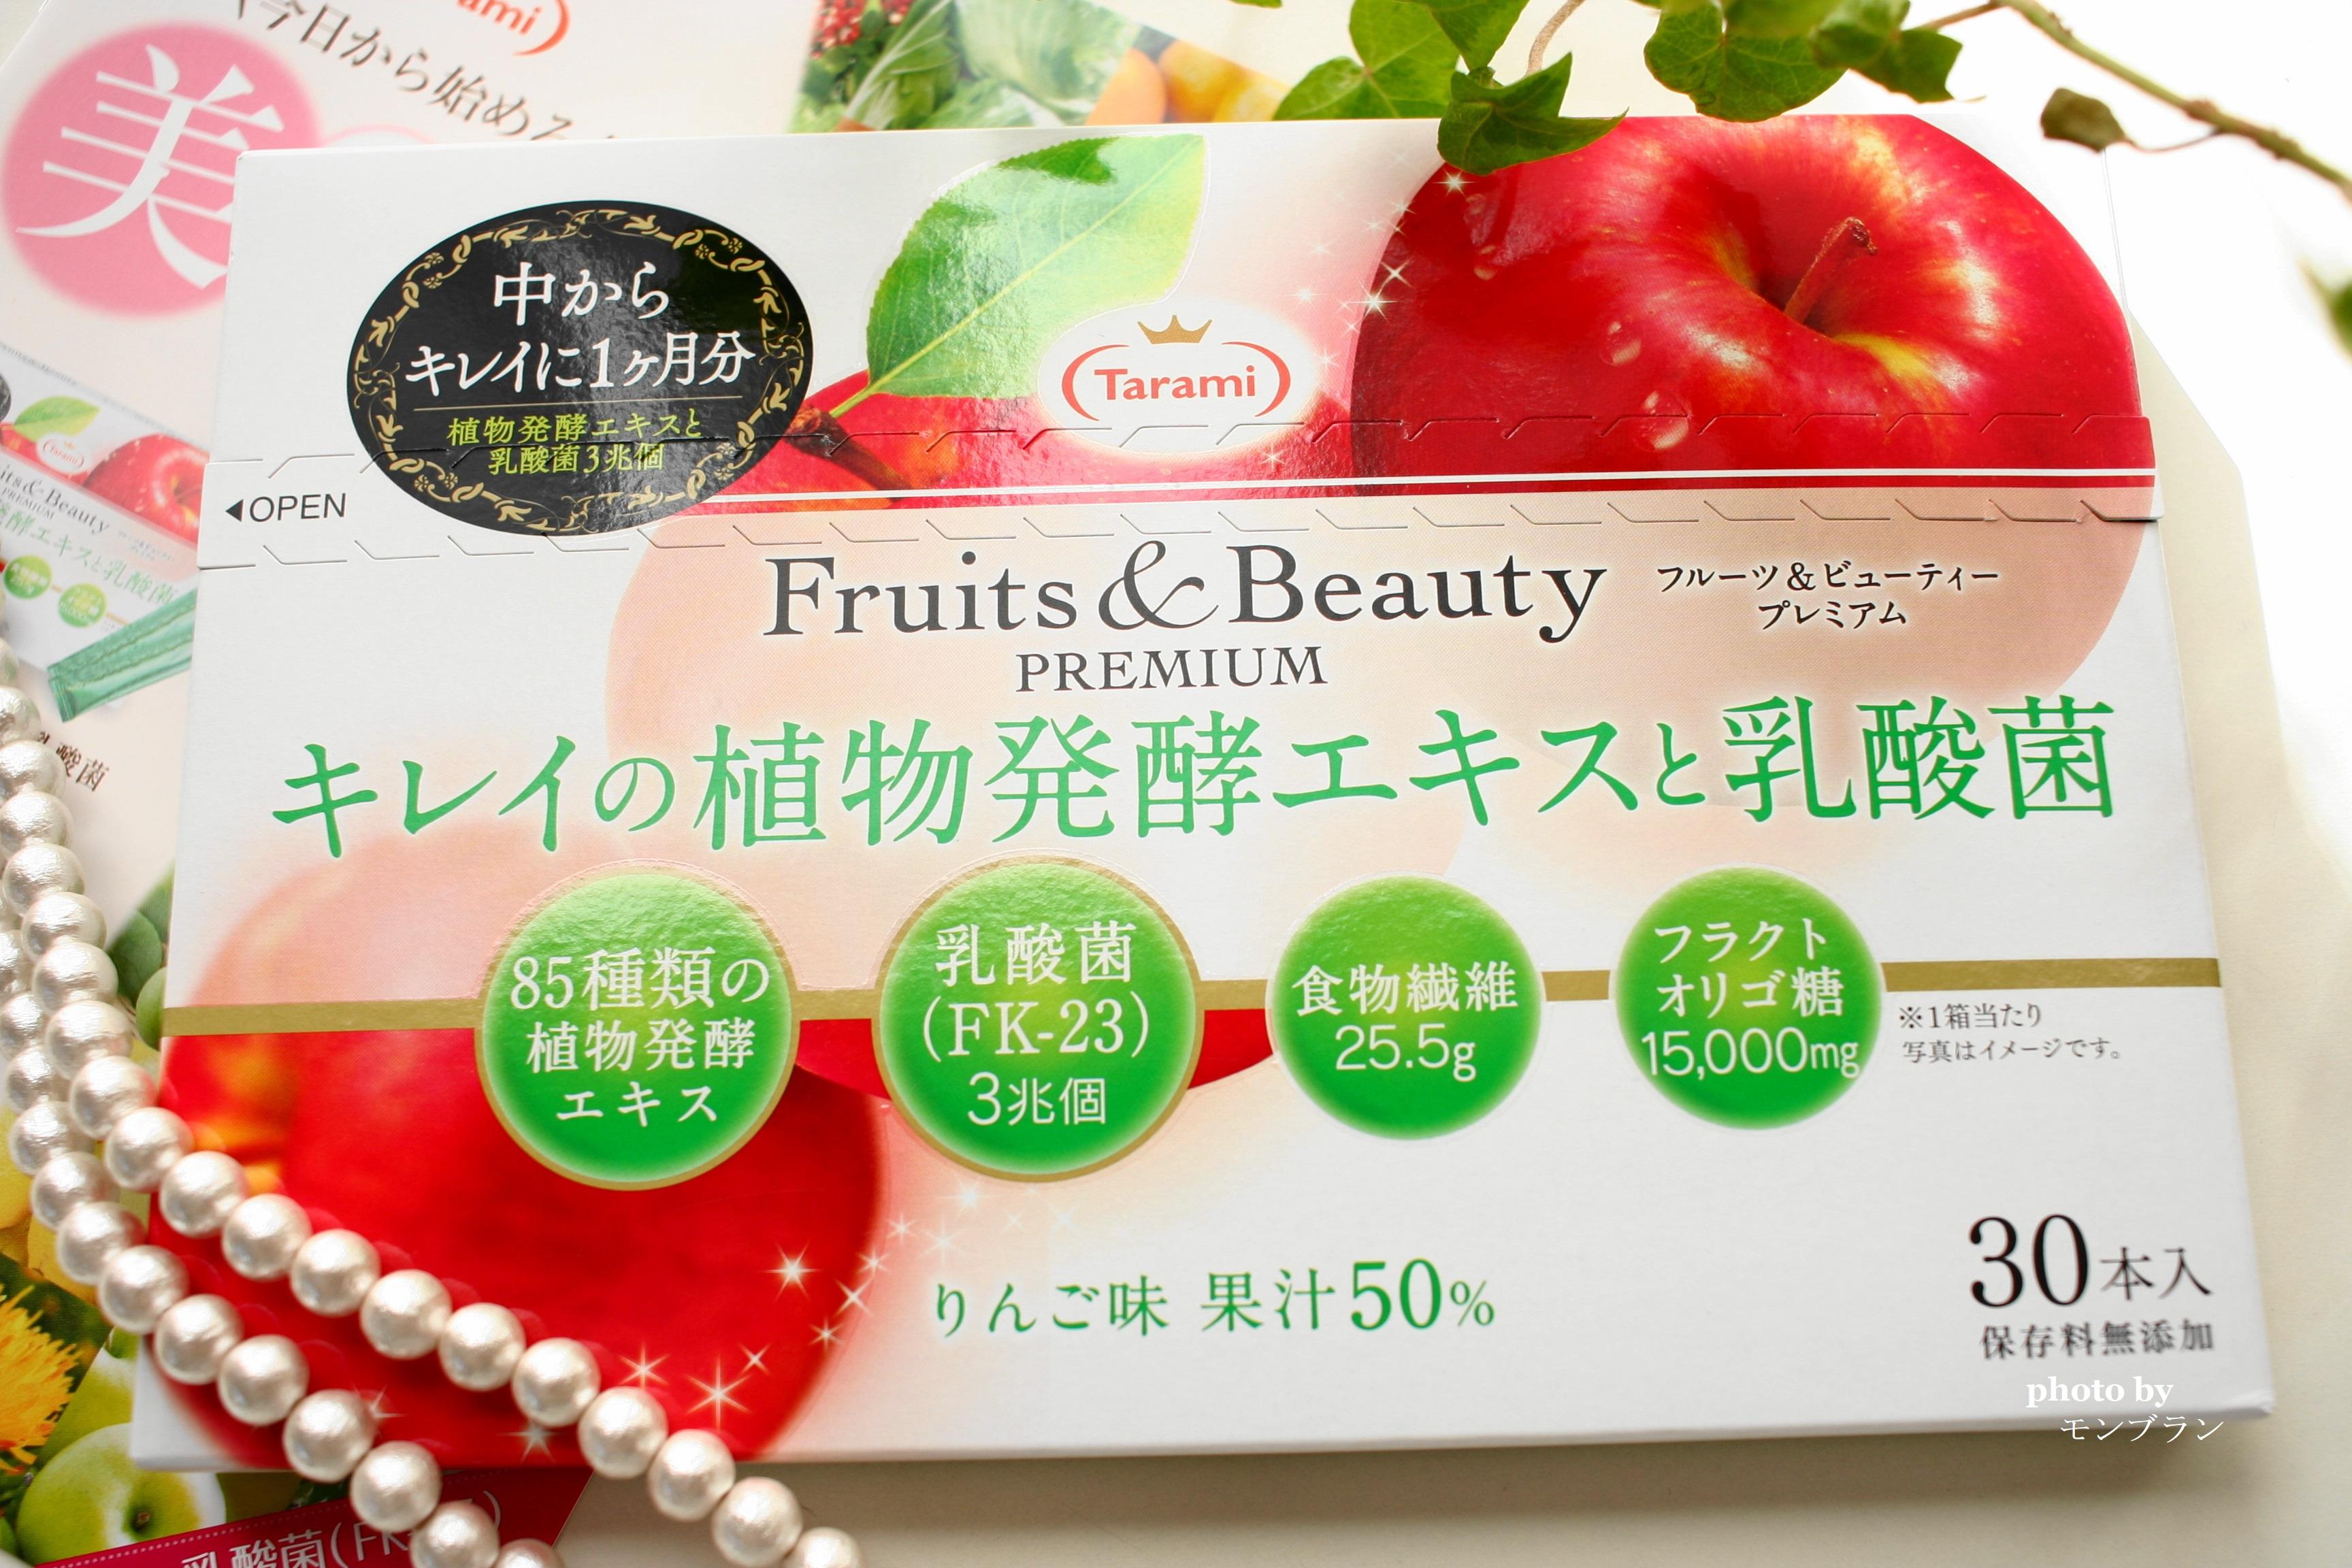 たらみの美容ゼリーキレイの植物発酵エキスと乳酸菌の口コミ